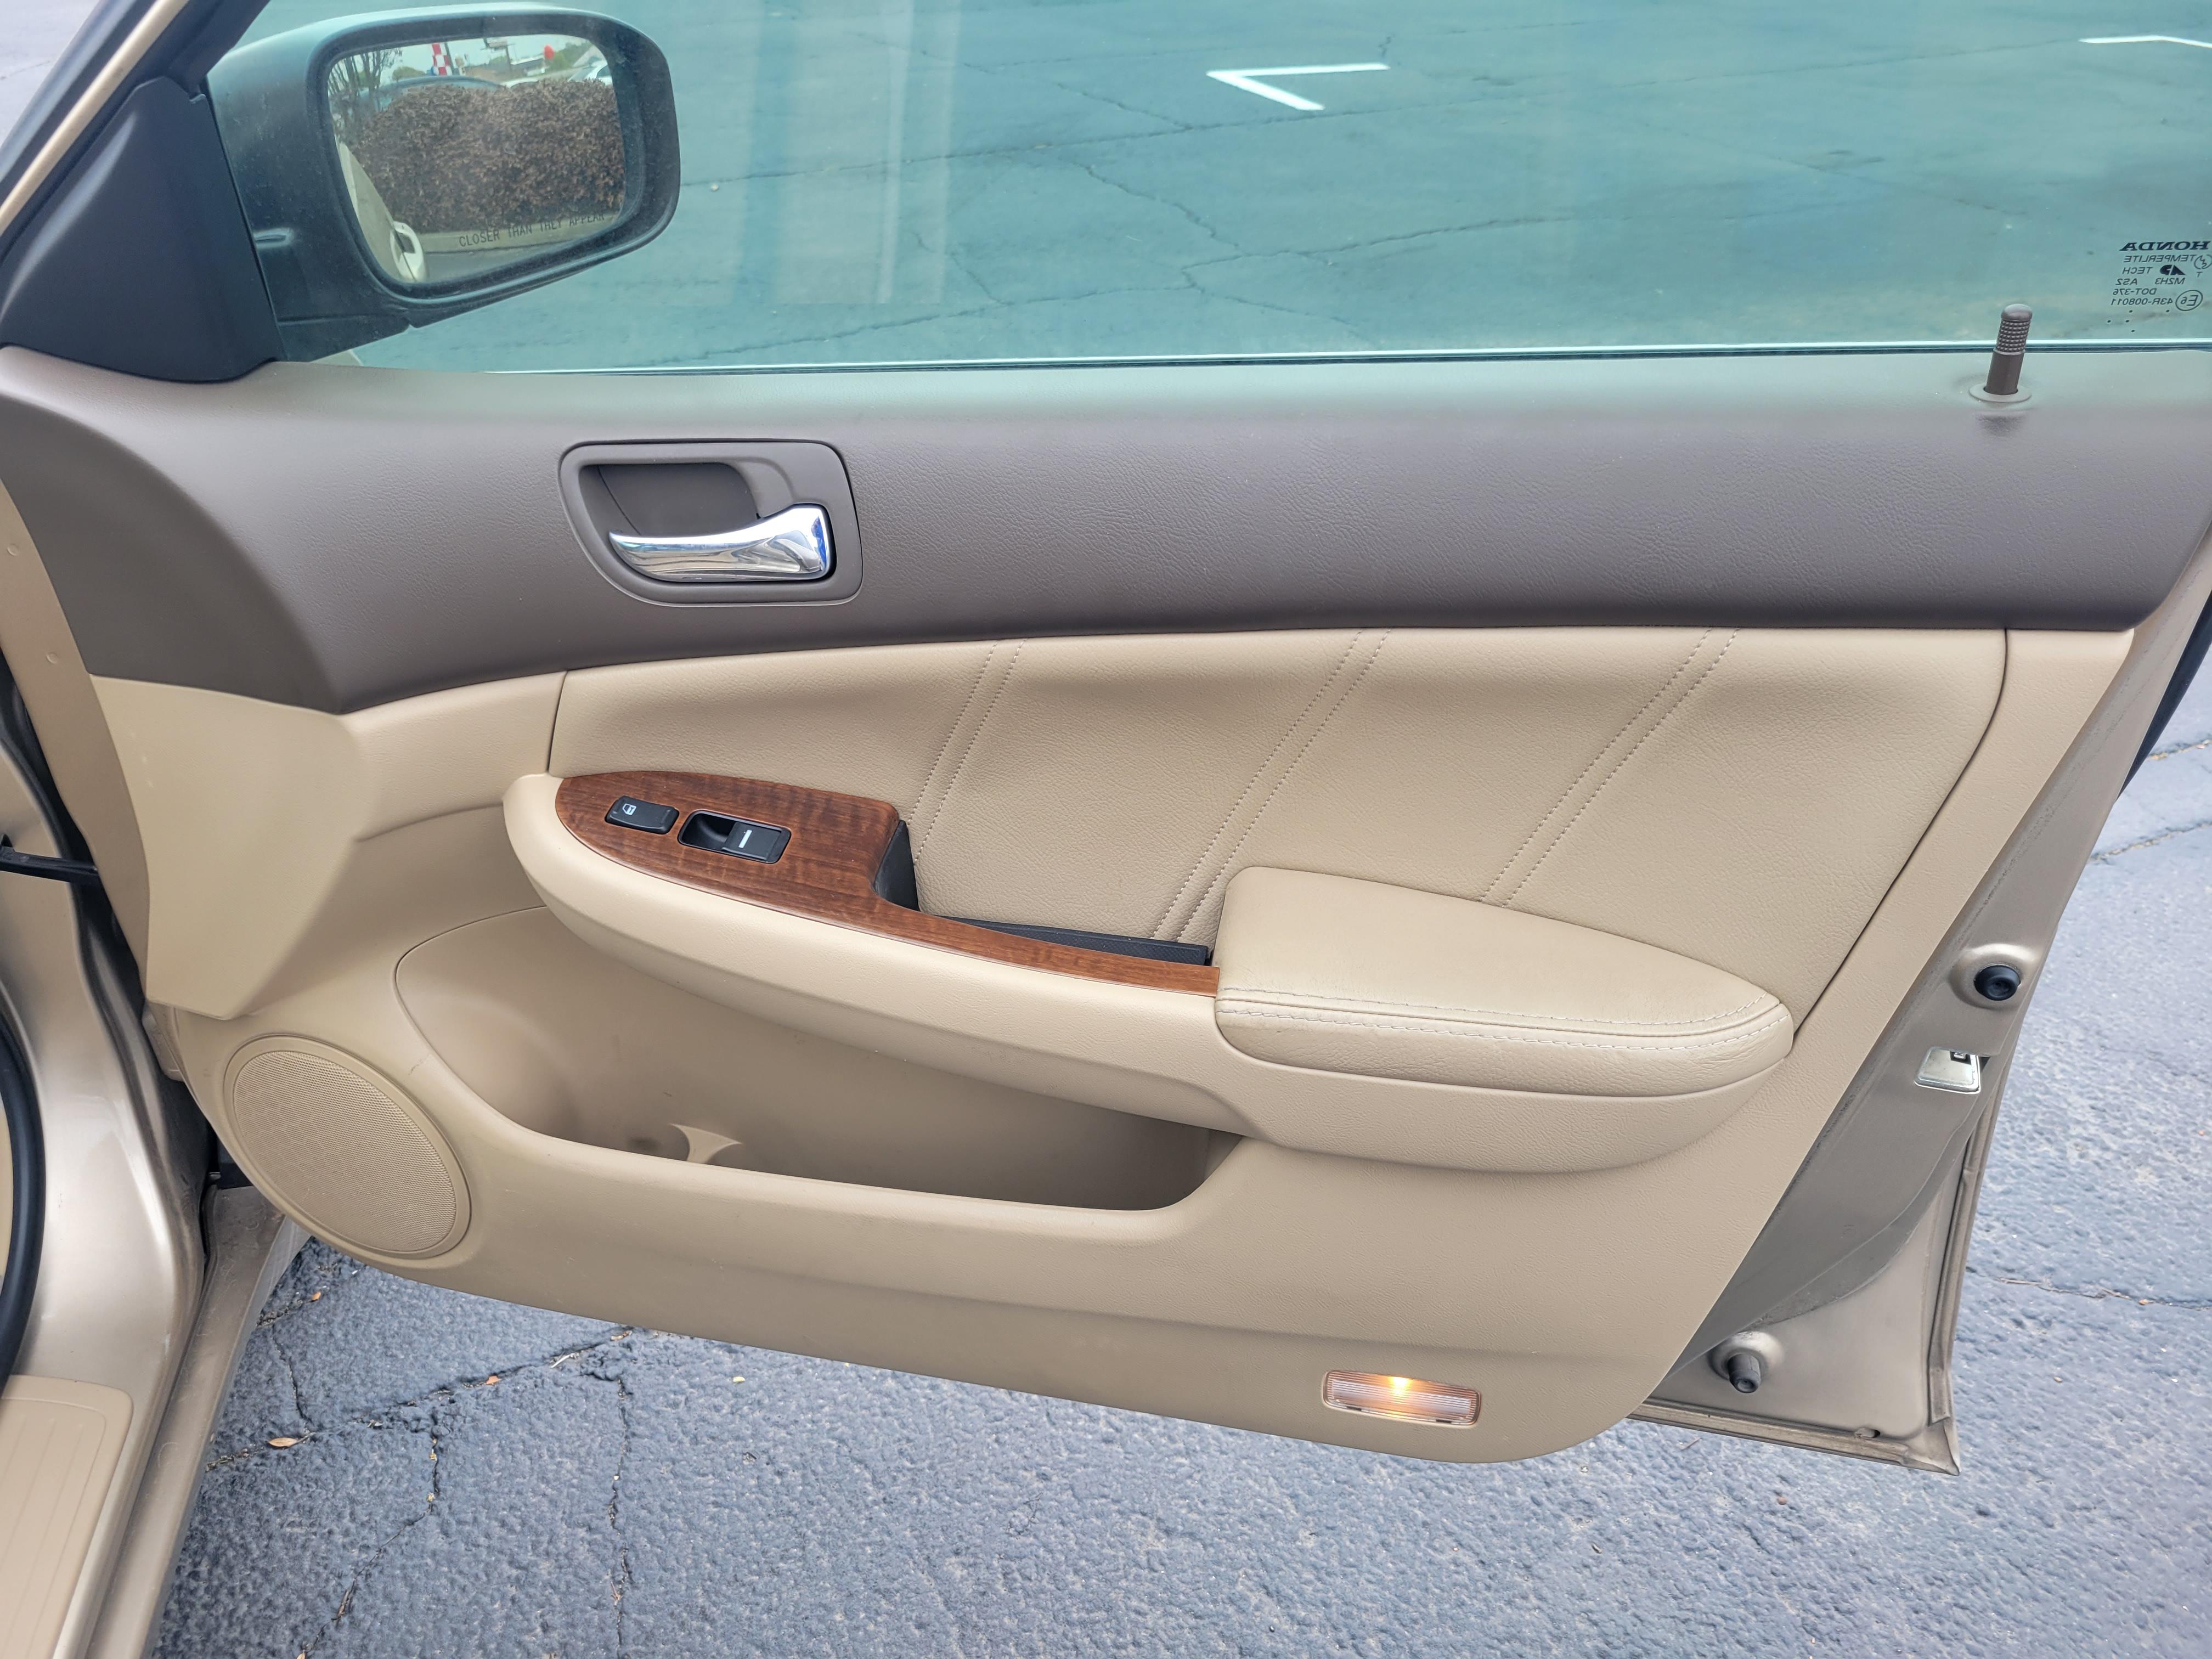 used vehicle - Sedan HONDA ACCORD SDN 2006